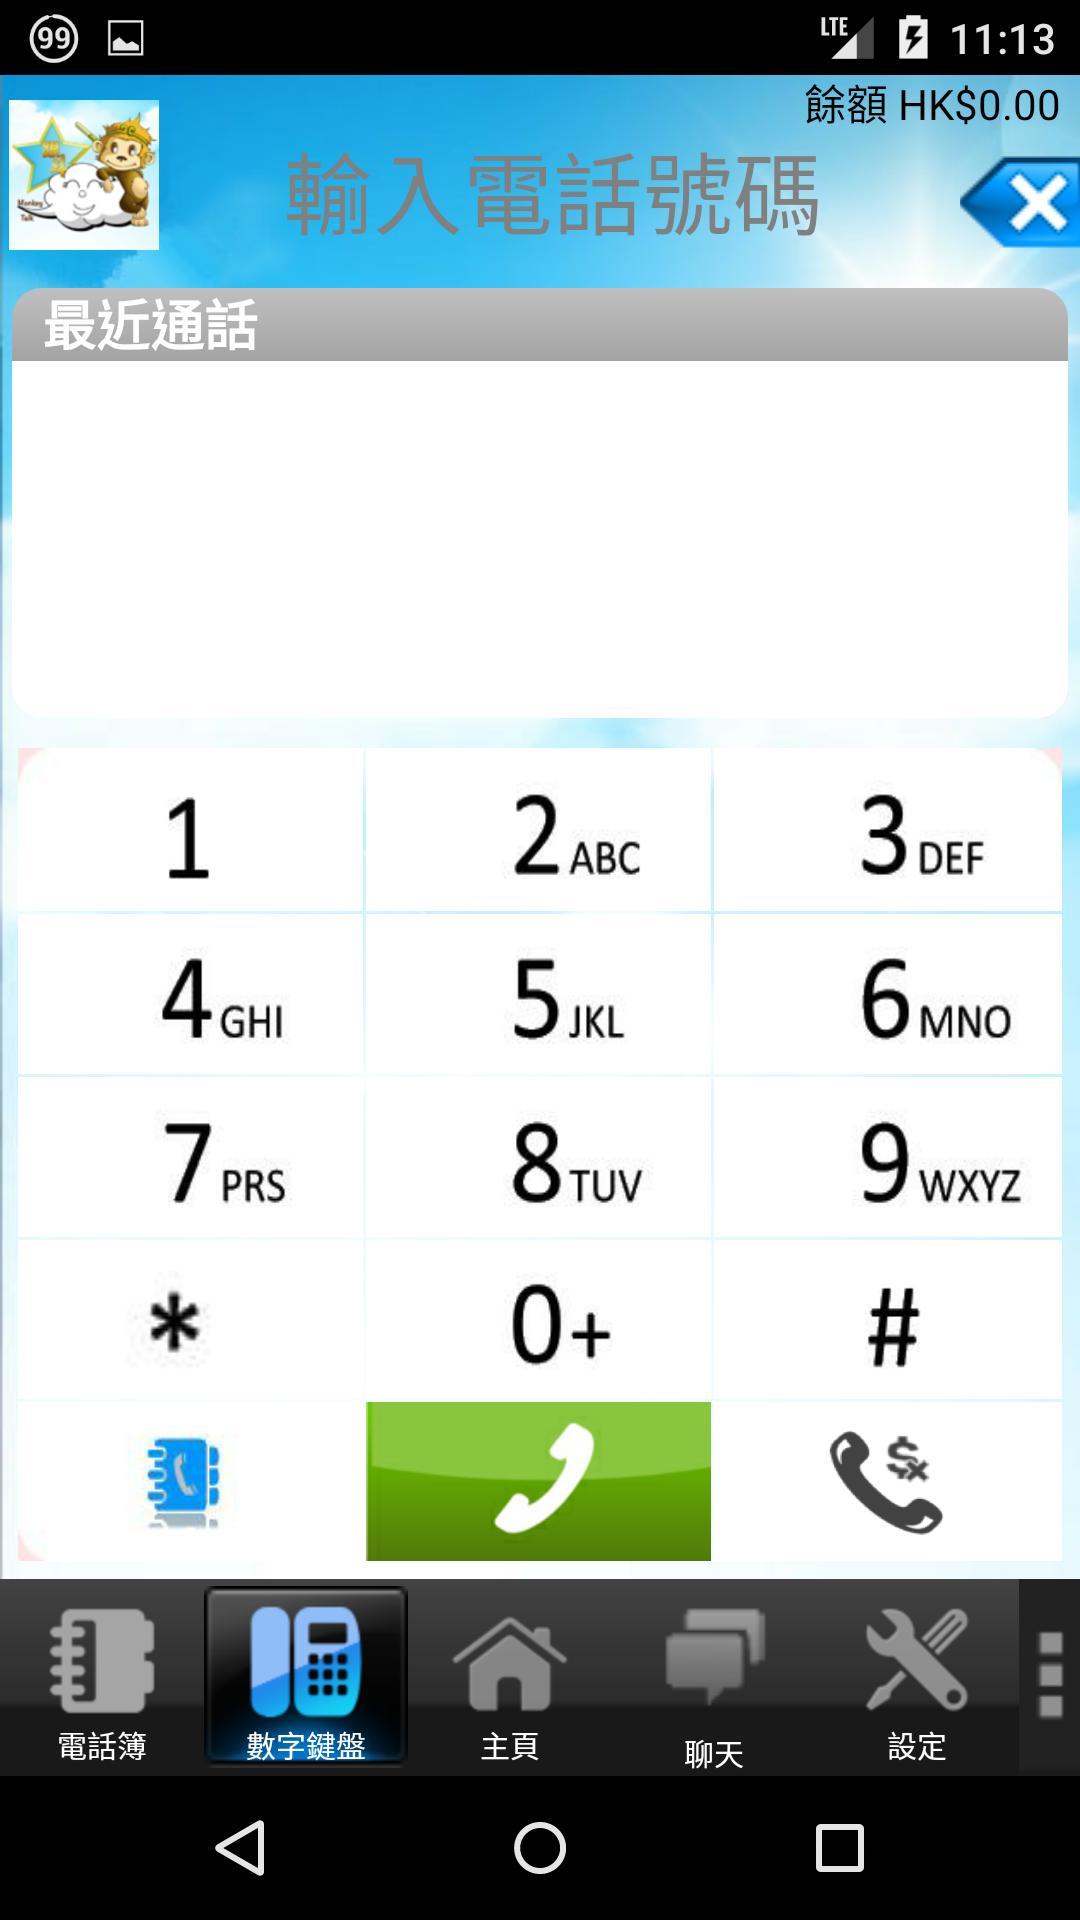 TÉLÉCHARGER EXPRESS TALK VOIP SOFTPHONE 4.18